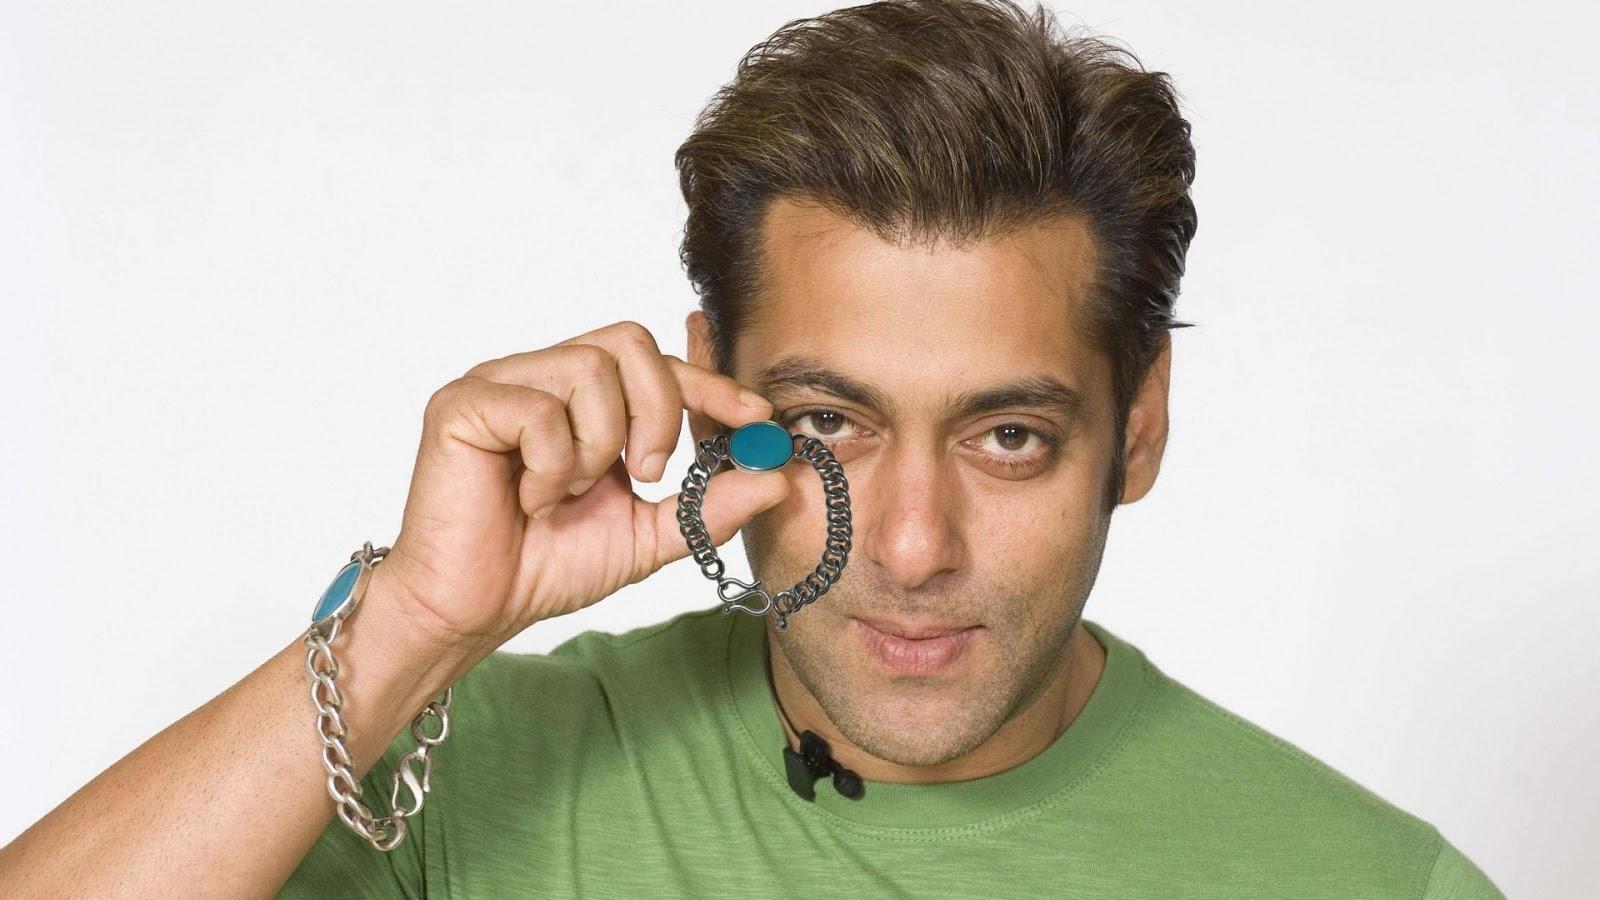 100+ Salman Khan Images, Salman Khan Photos and HD Wallpapers